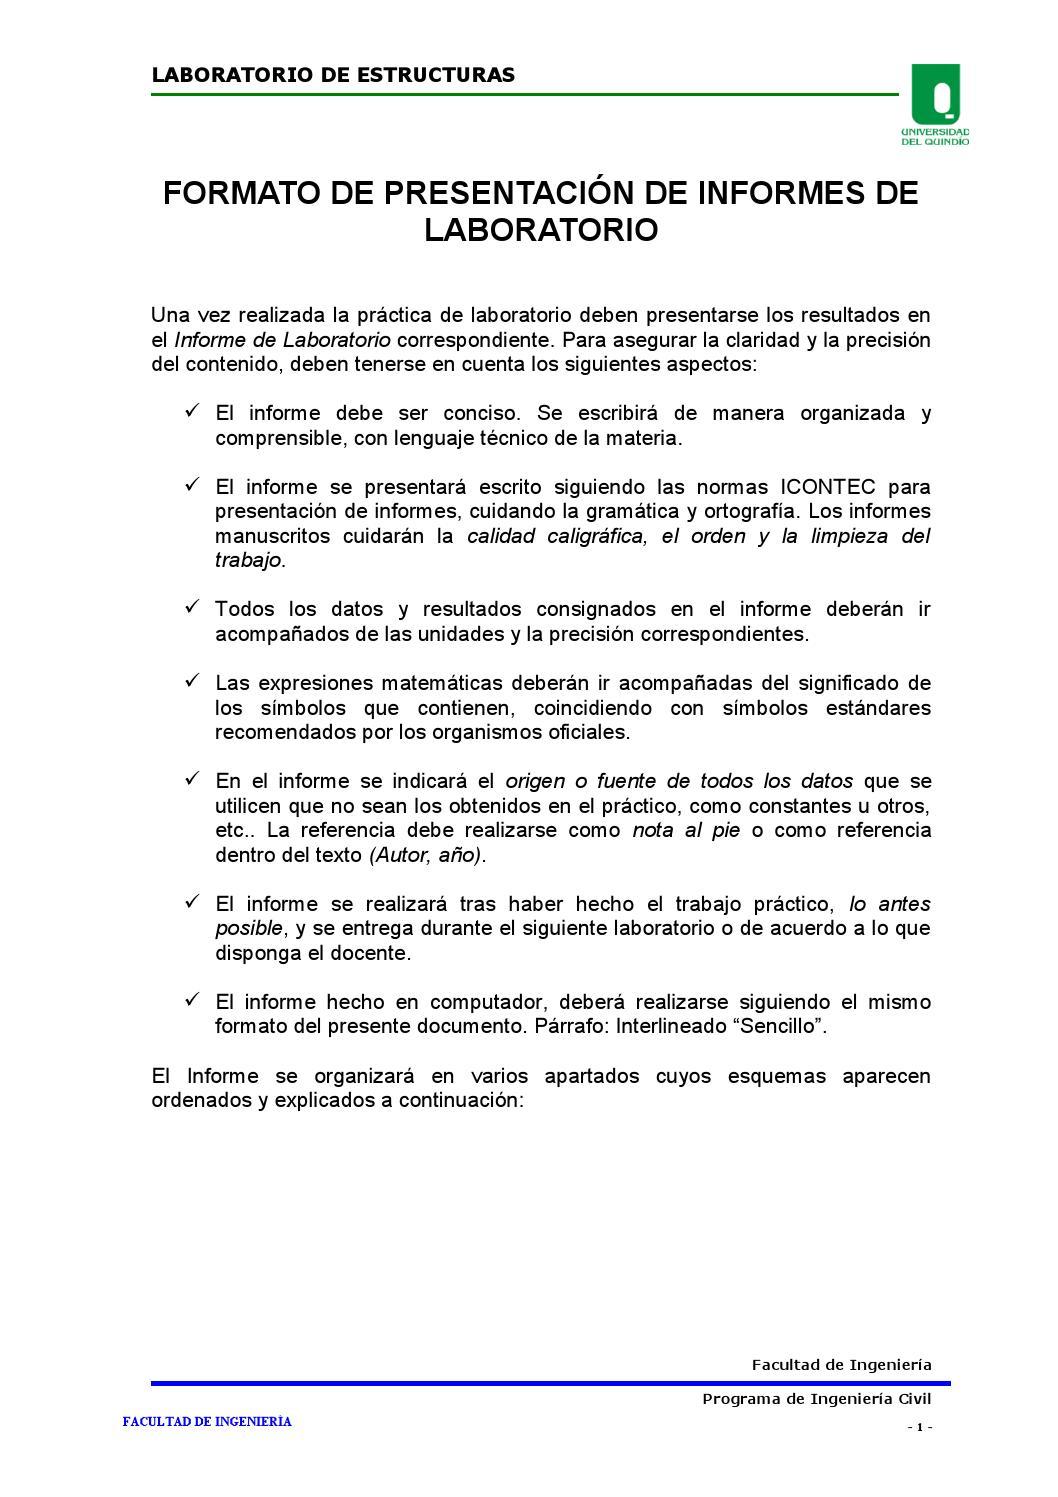 formato de presentaci u00f3n de informes de laboratorio by